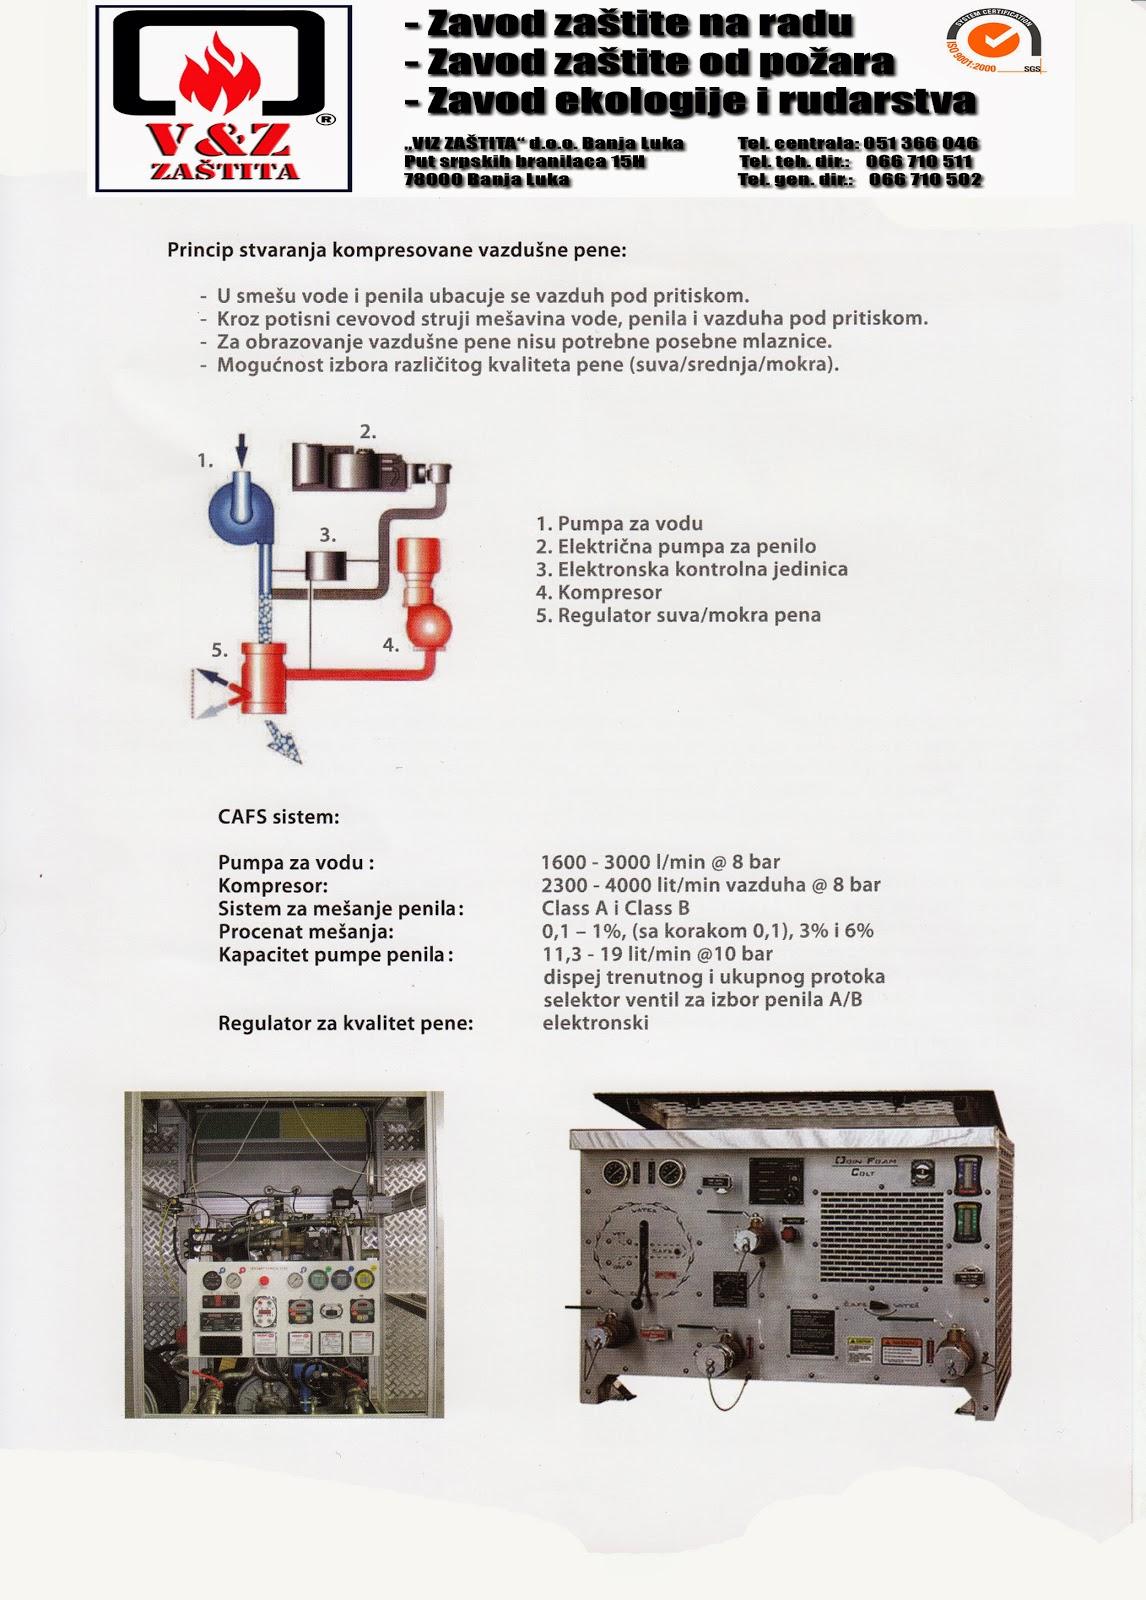 Usluge pravljenja idejnih rješenja i izrade glavnog projekta, preko isporuke opreme, montaže i puštanja u rad. vatrodojavnih sistema, protivprovale, kontrole pristupa, video nadzora, detekcije tehničkih gasova, sistema za automatsko gašenje požara, sistemi za glasovno uzbunjivanje, management sistema tehničke zaštite, sistemi bolničke signalizacije, sistema tehničke zaštite prema zahtjevu kupca i ostalih sistema protiv požarne zaštite